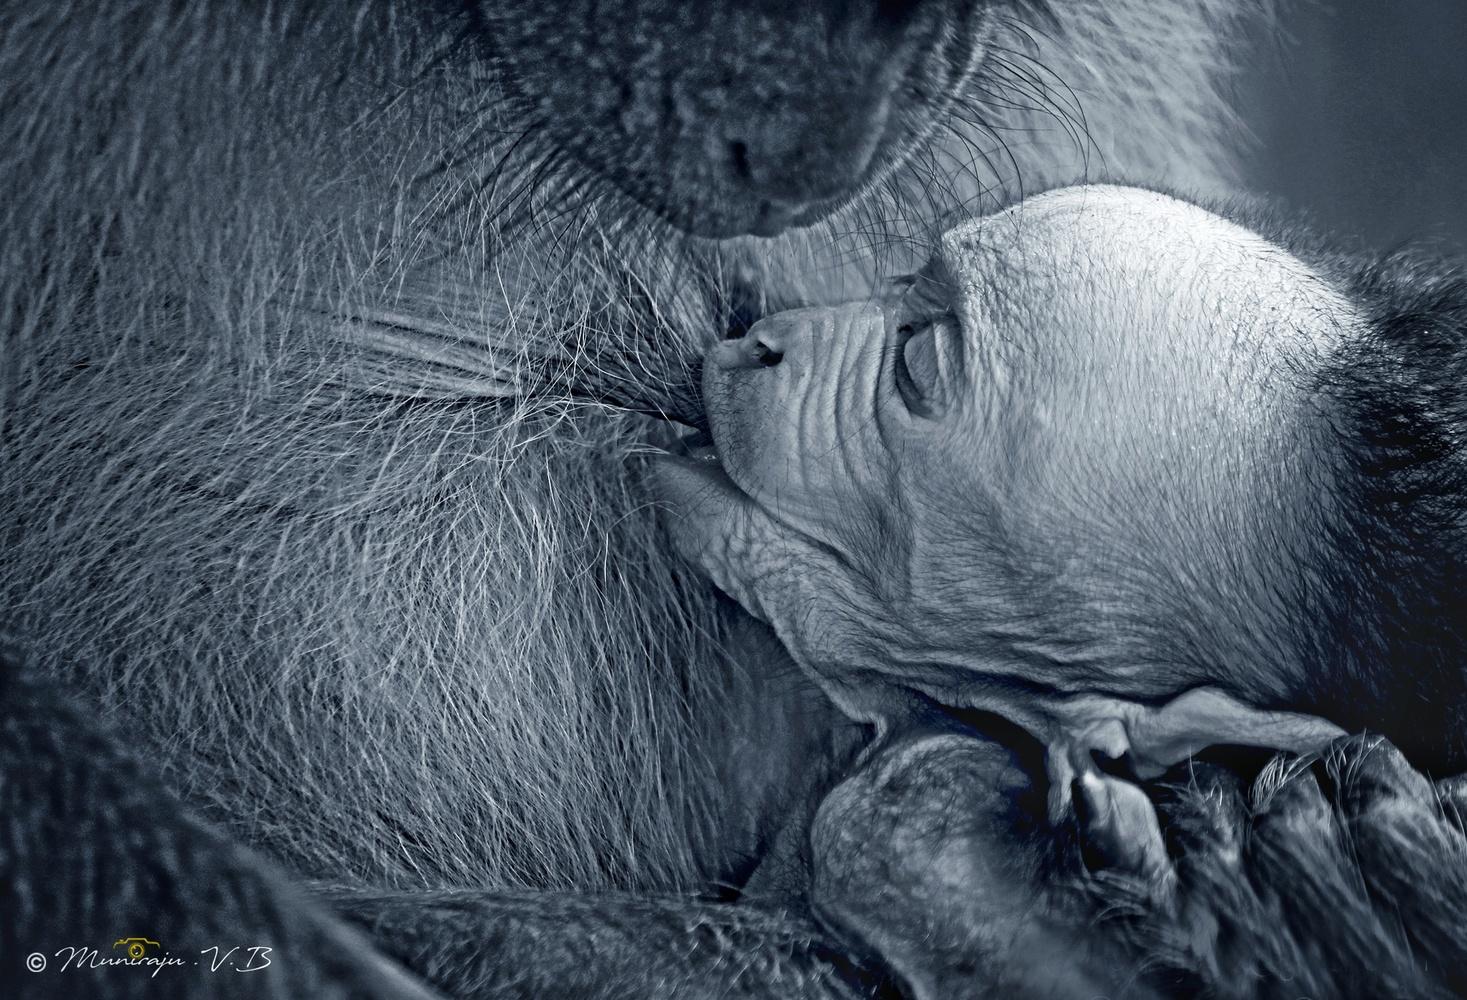 The mother by Muniraju VB